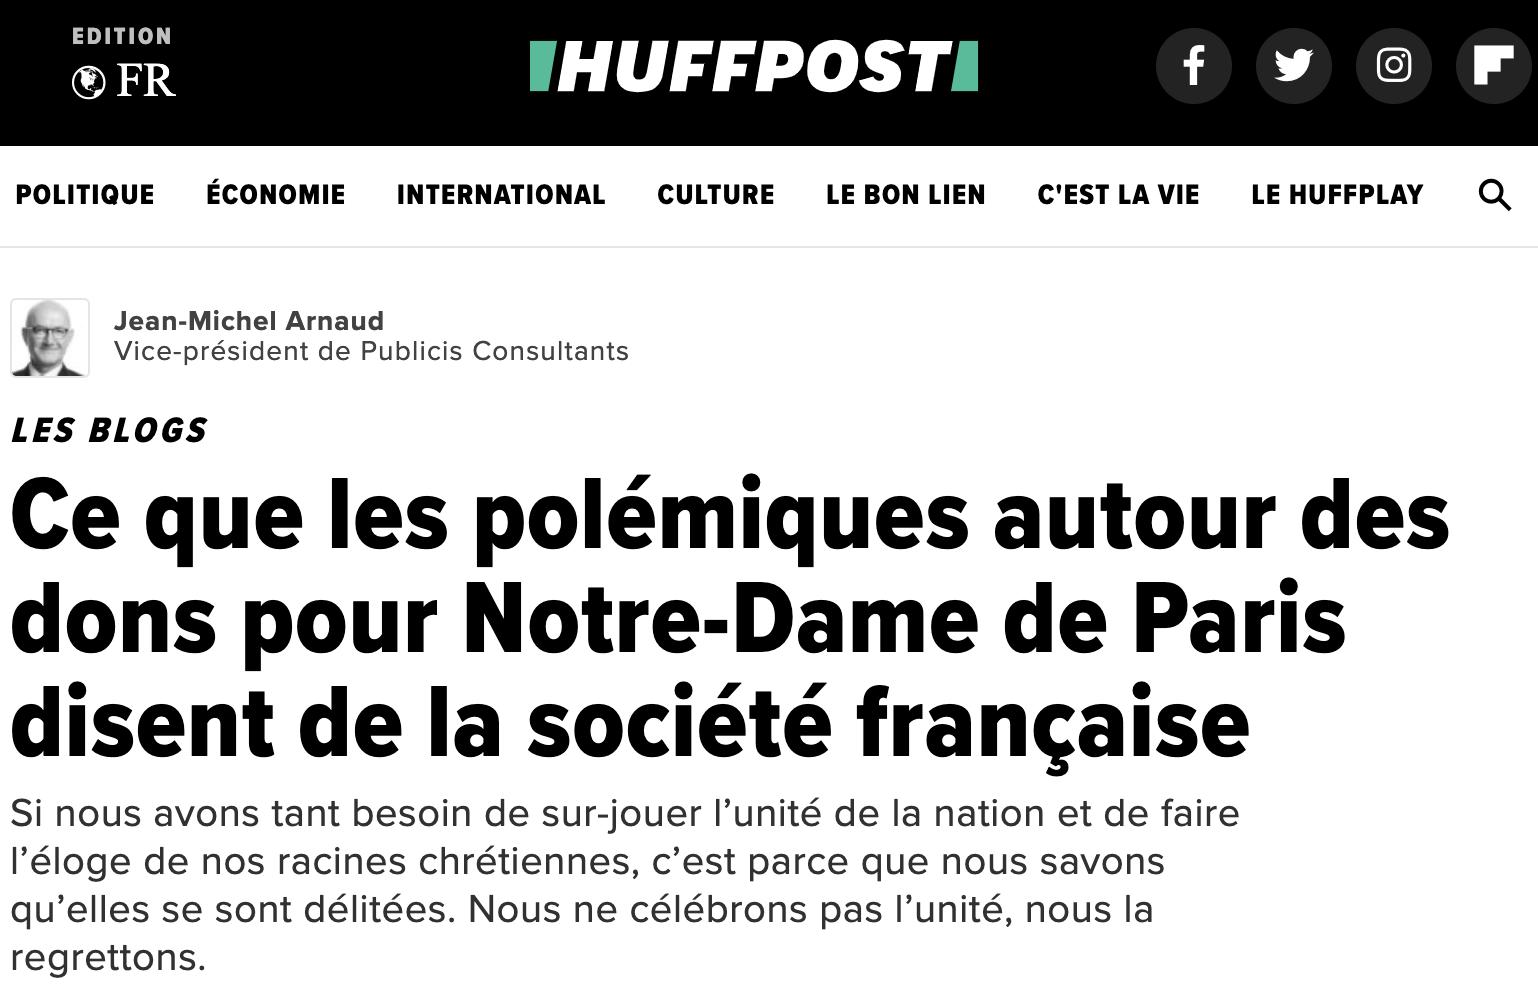 Ce que les polémiques autour des dons pour Notre-Dame de Paris disent de la société française